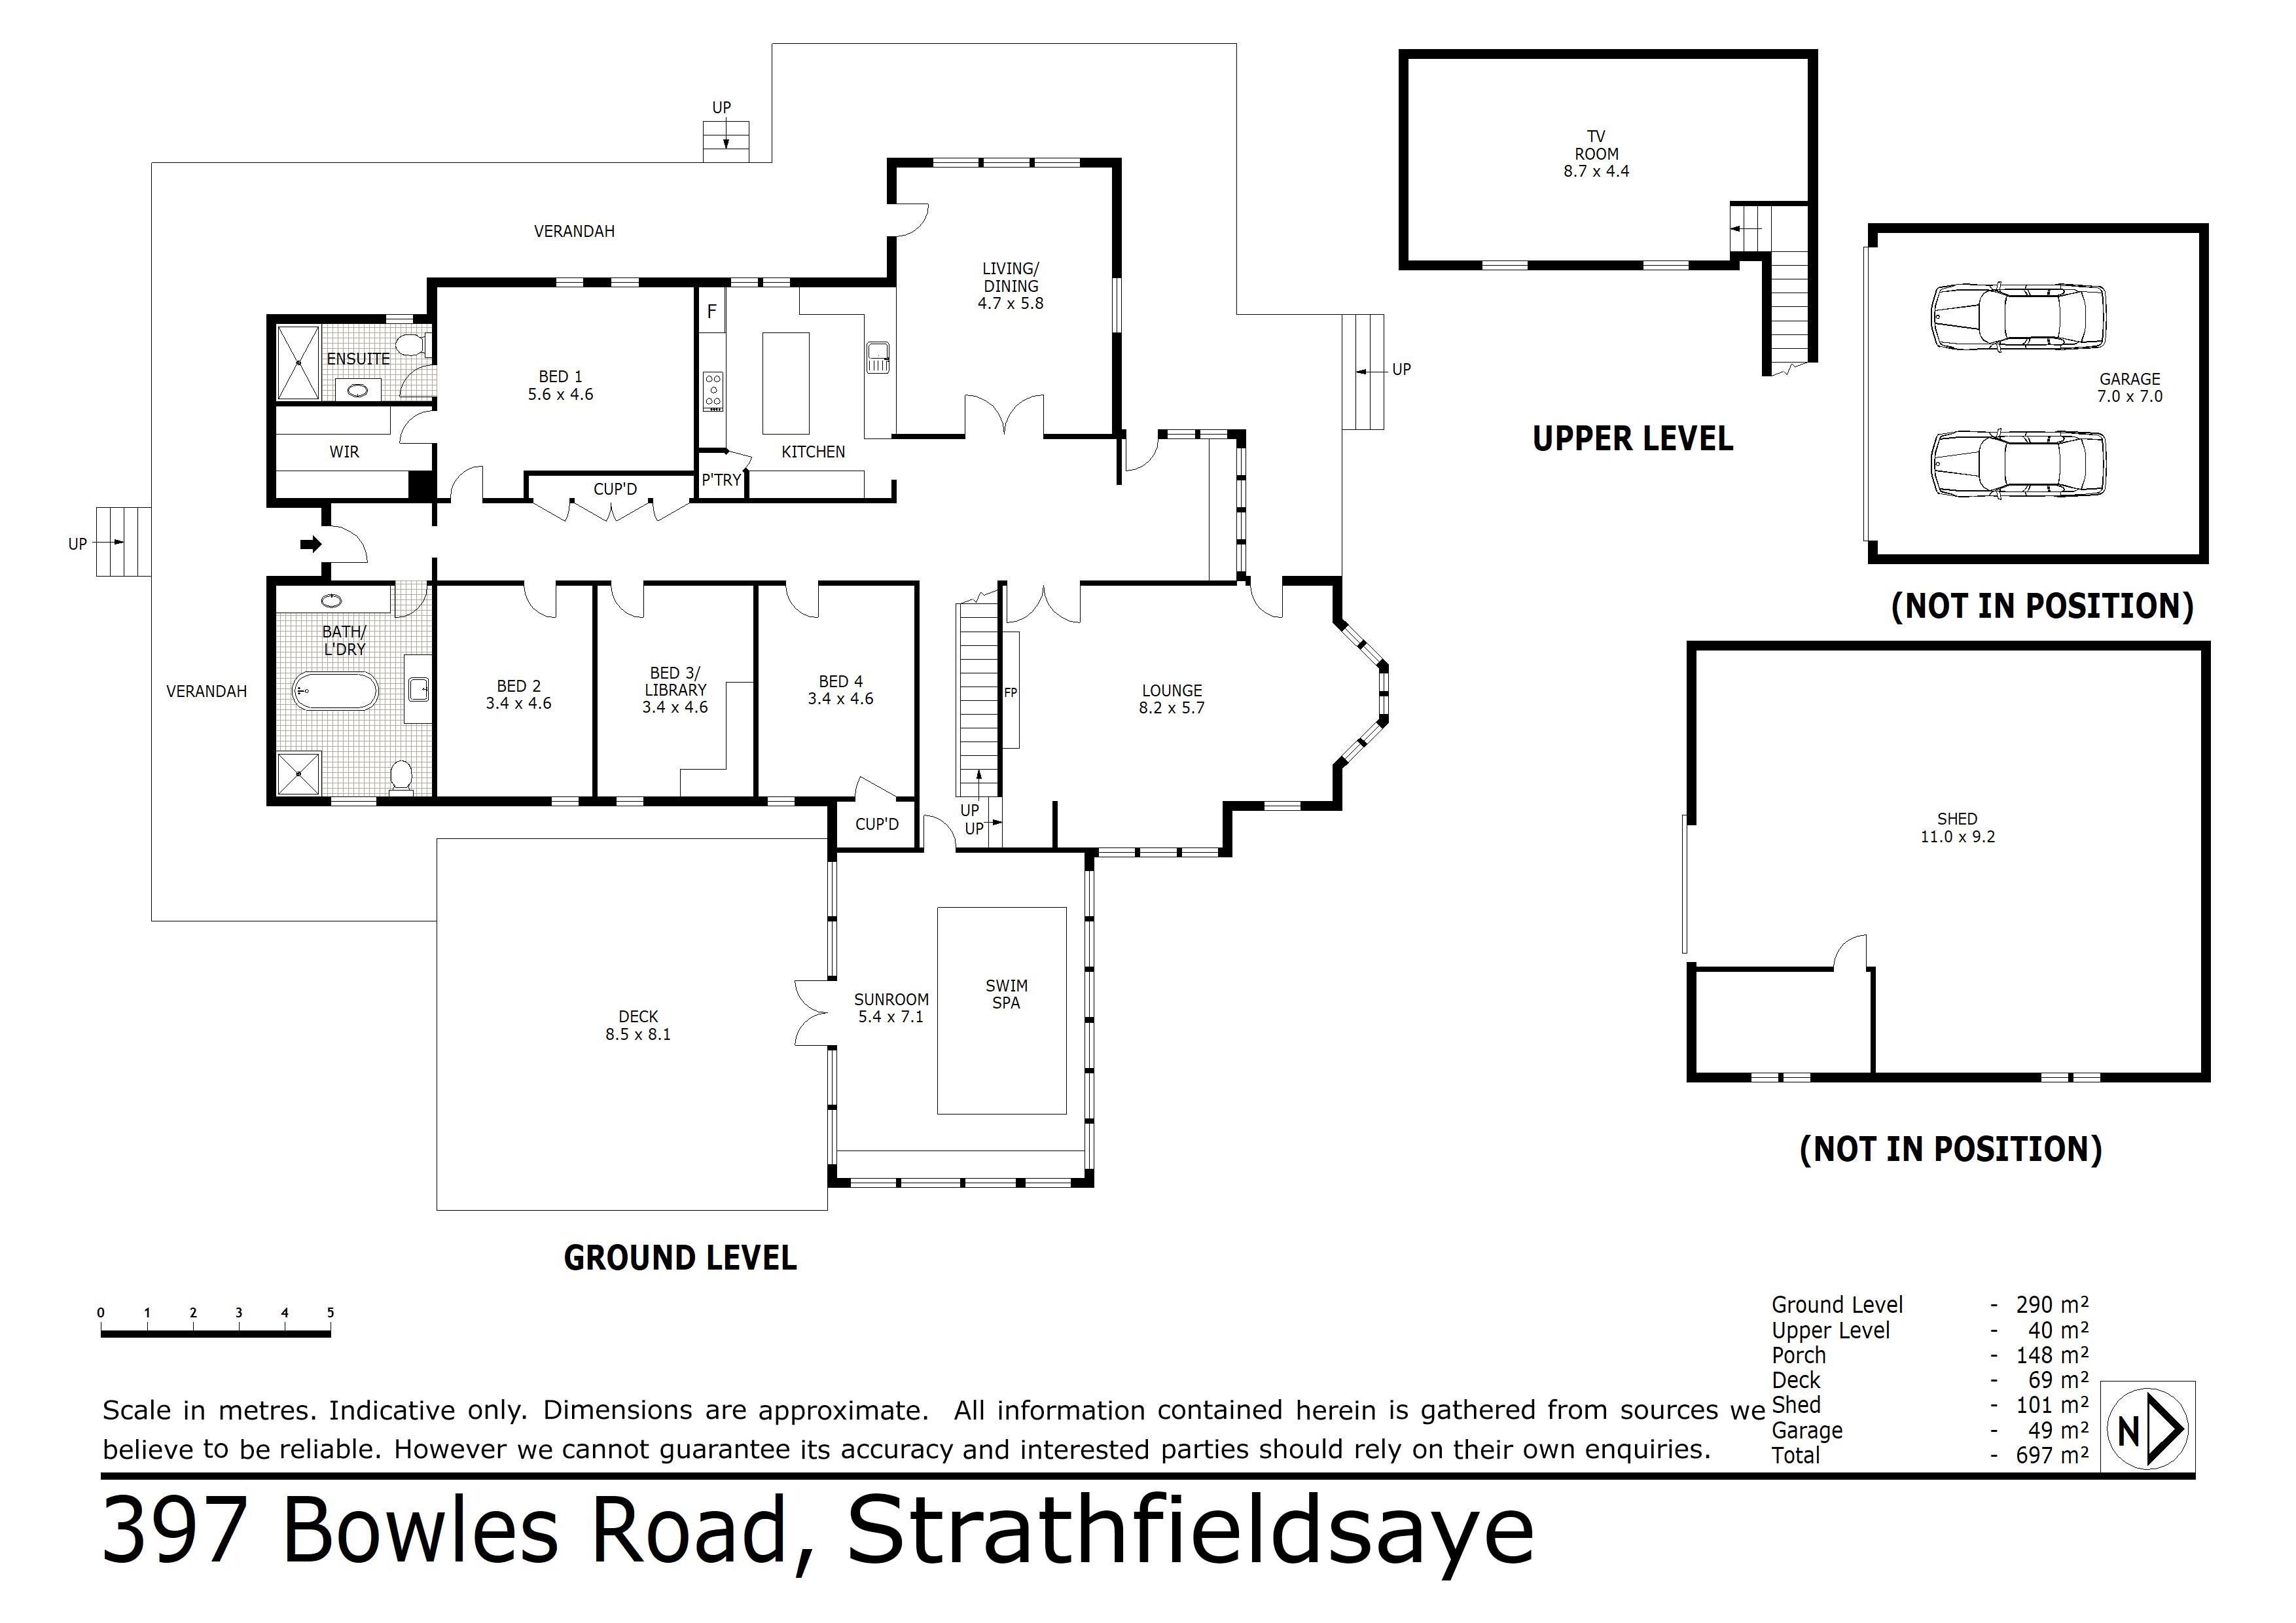 397 Bowles Road, Strathfieldsaye, VIC 3551